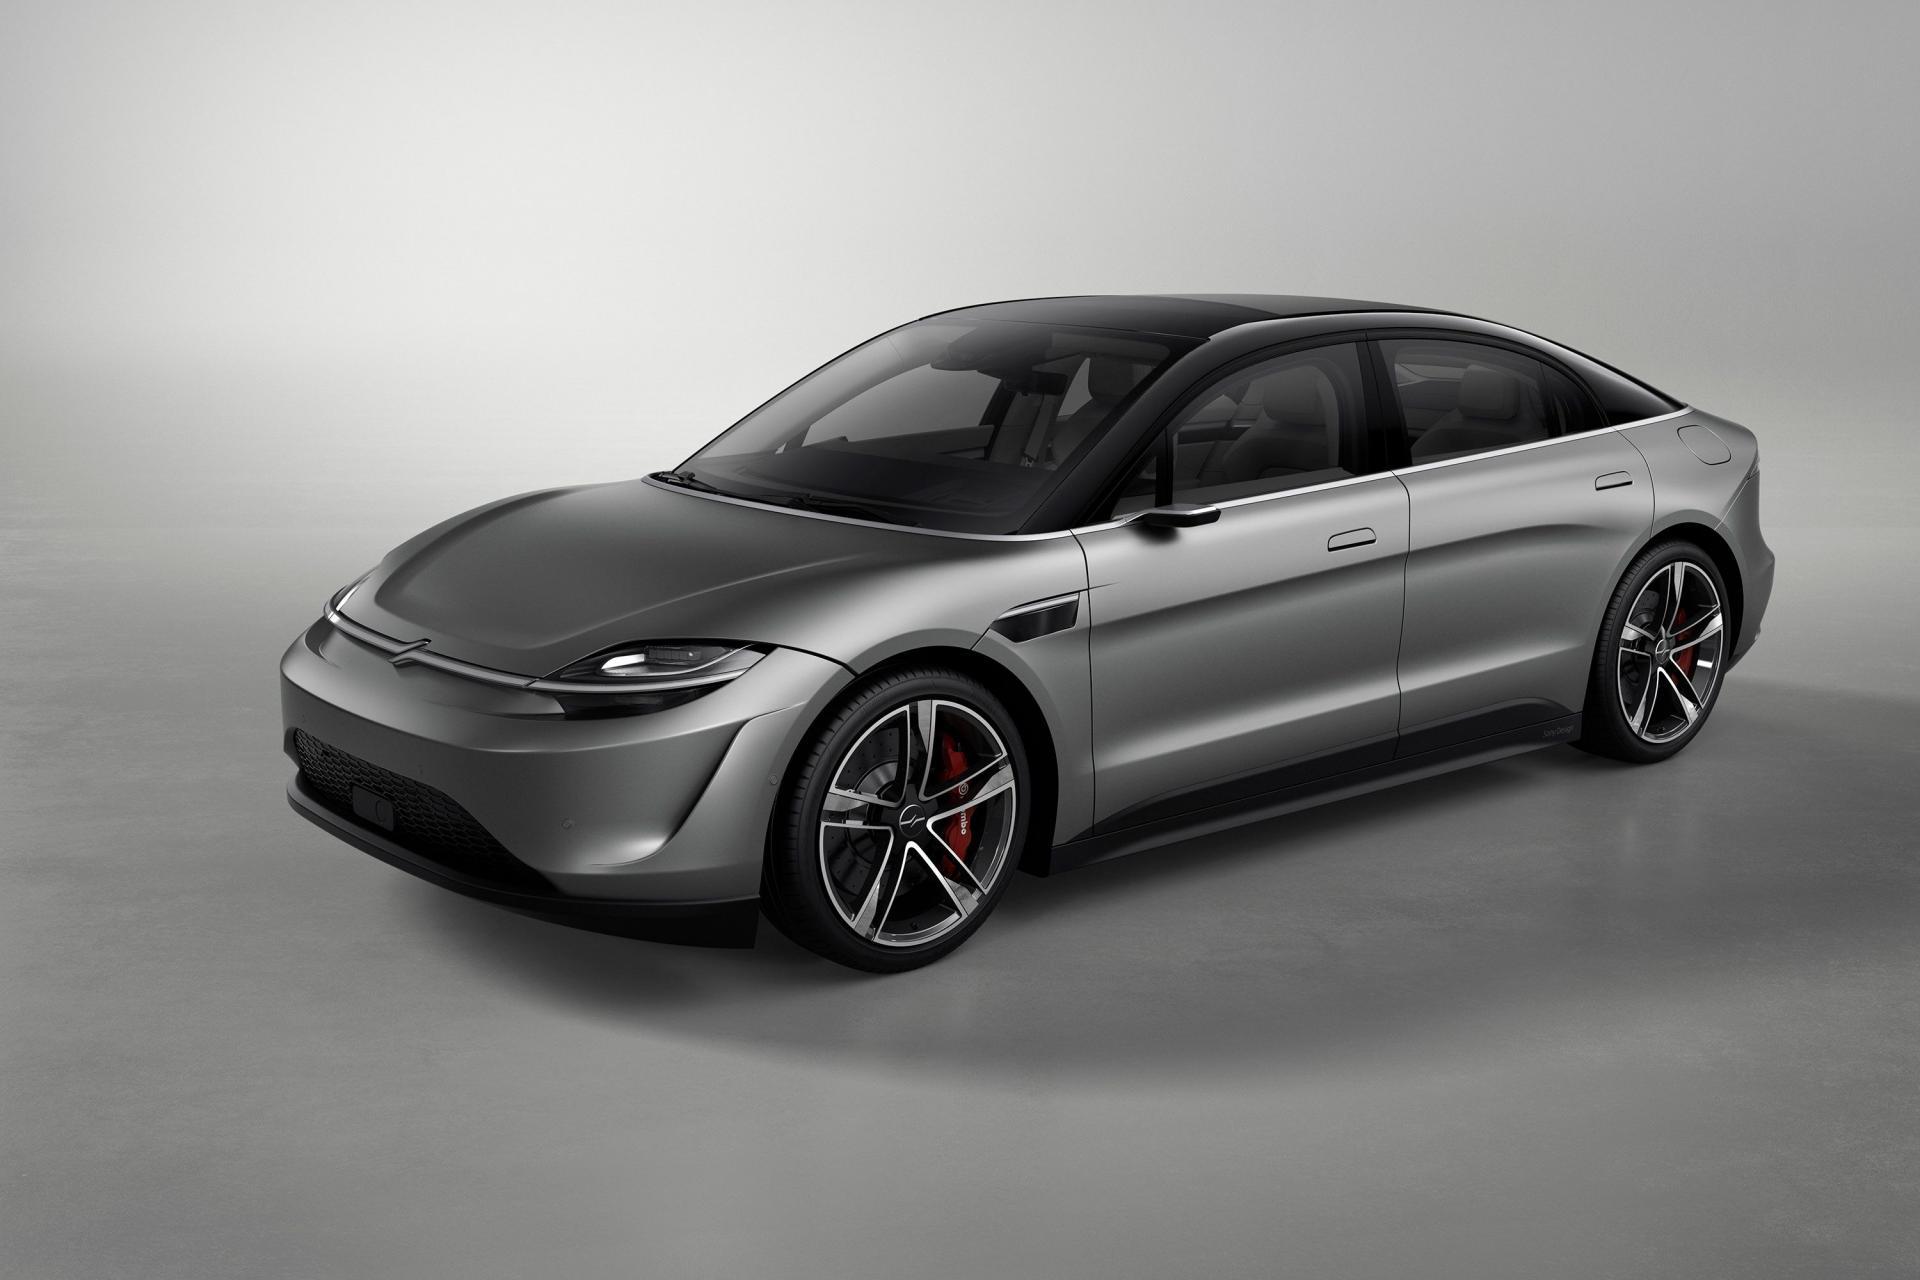 Sony bất ngờ ra mắt mẫu xe điện Vision-S tại CES 2020 - 2